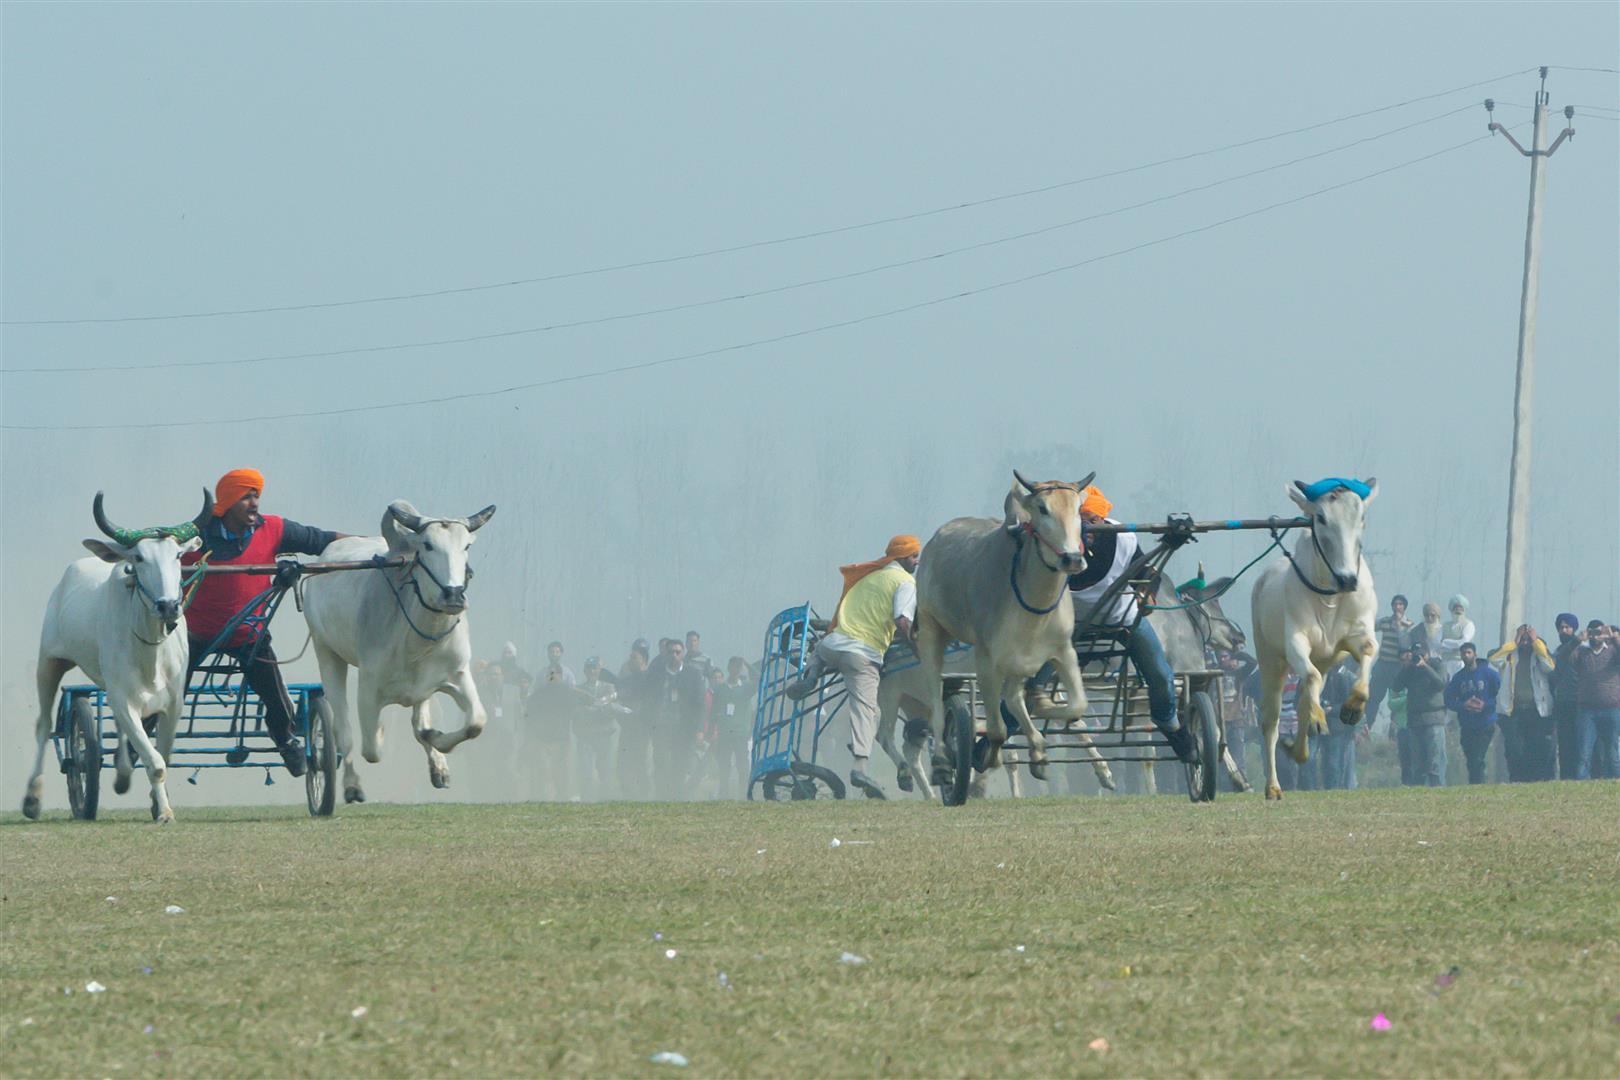 Kila Raipur Bullock Cart races